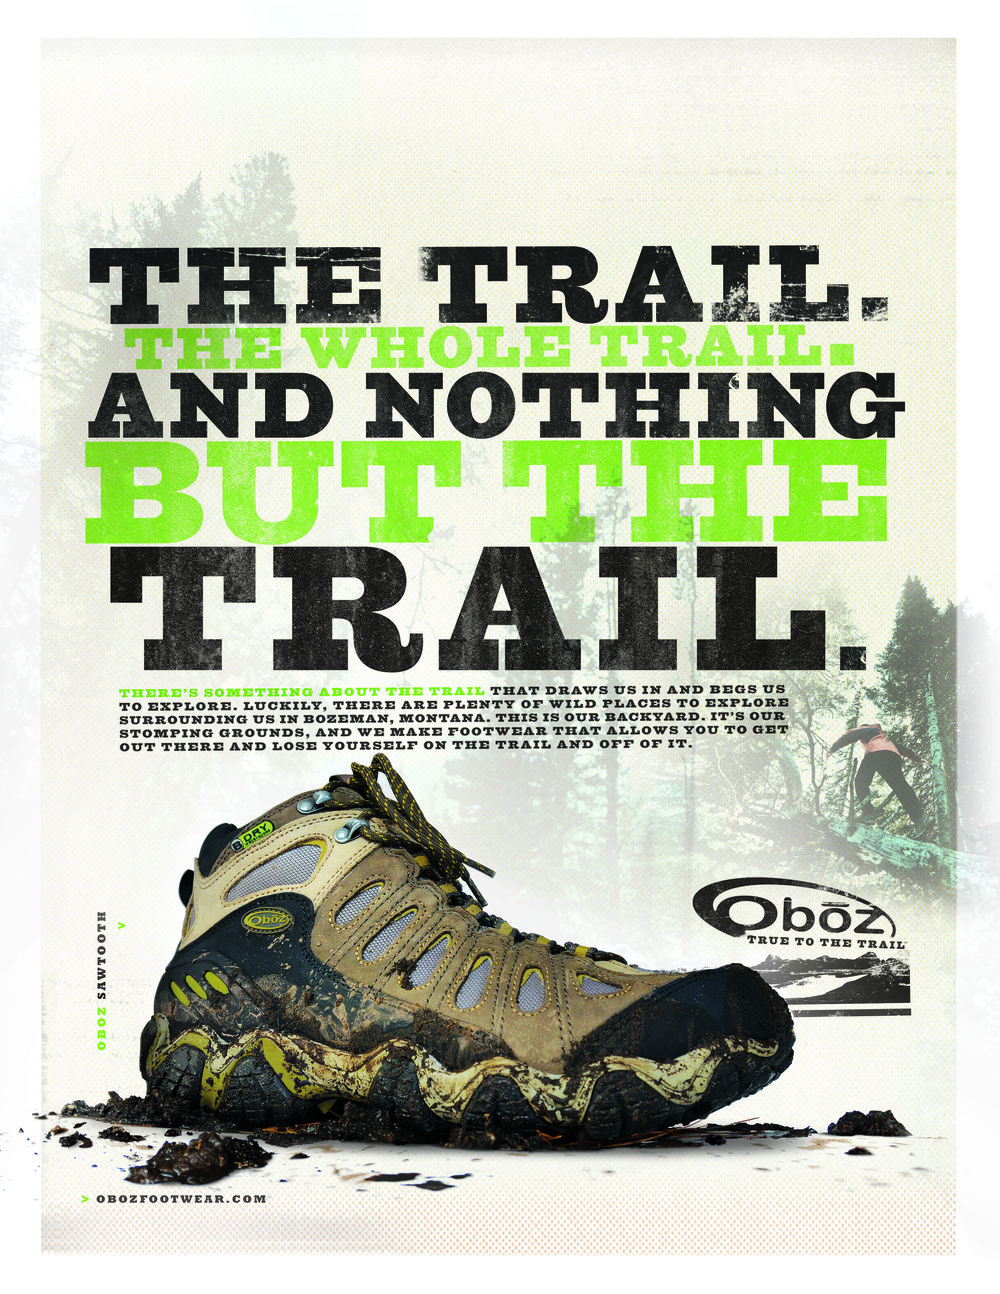 oboz_trail.jpg